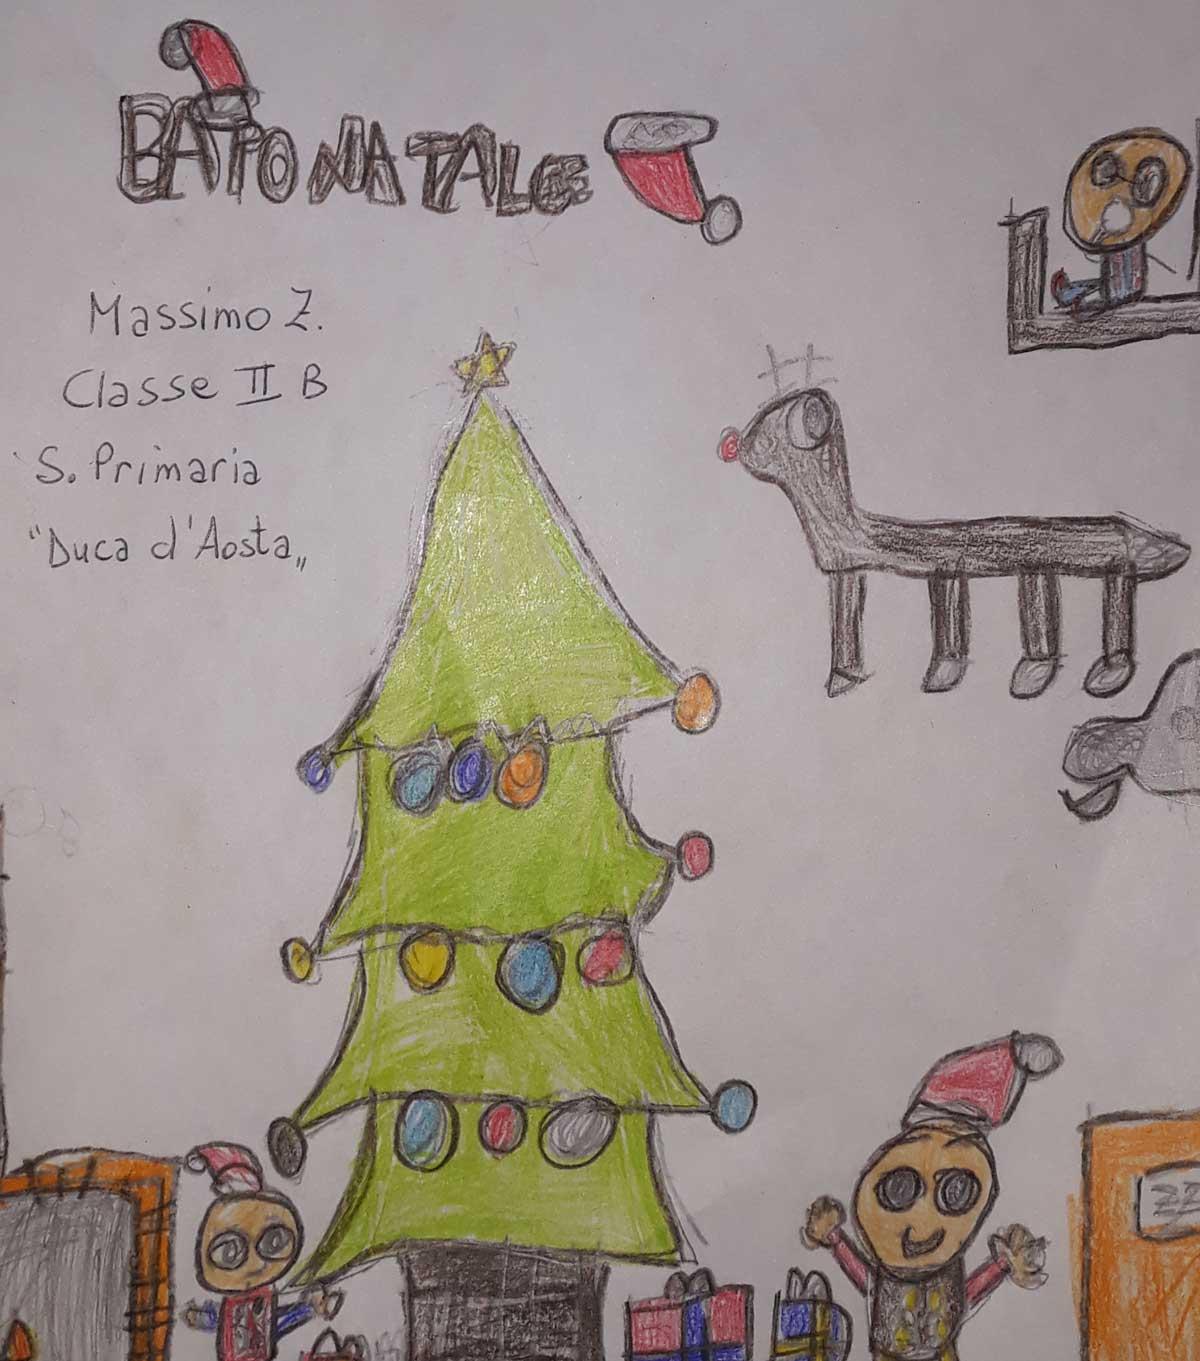 53.-L'-AMORE-a-Natale-allontana-ogni-male!_Massimo